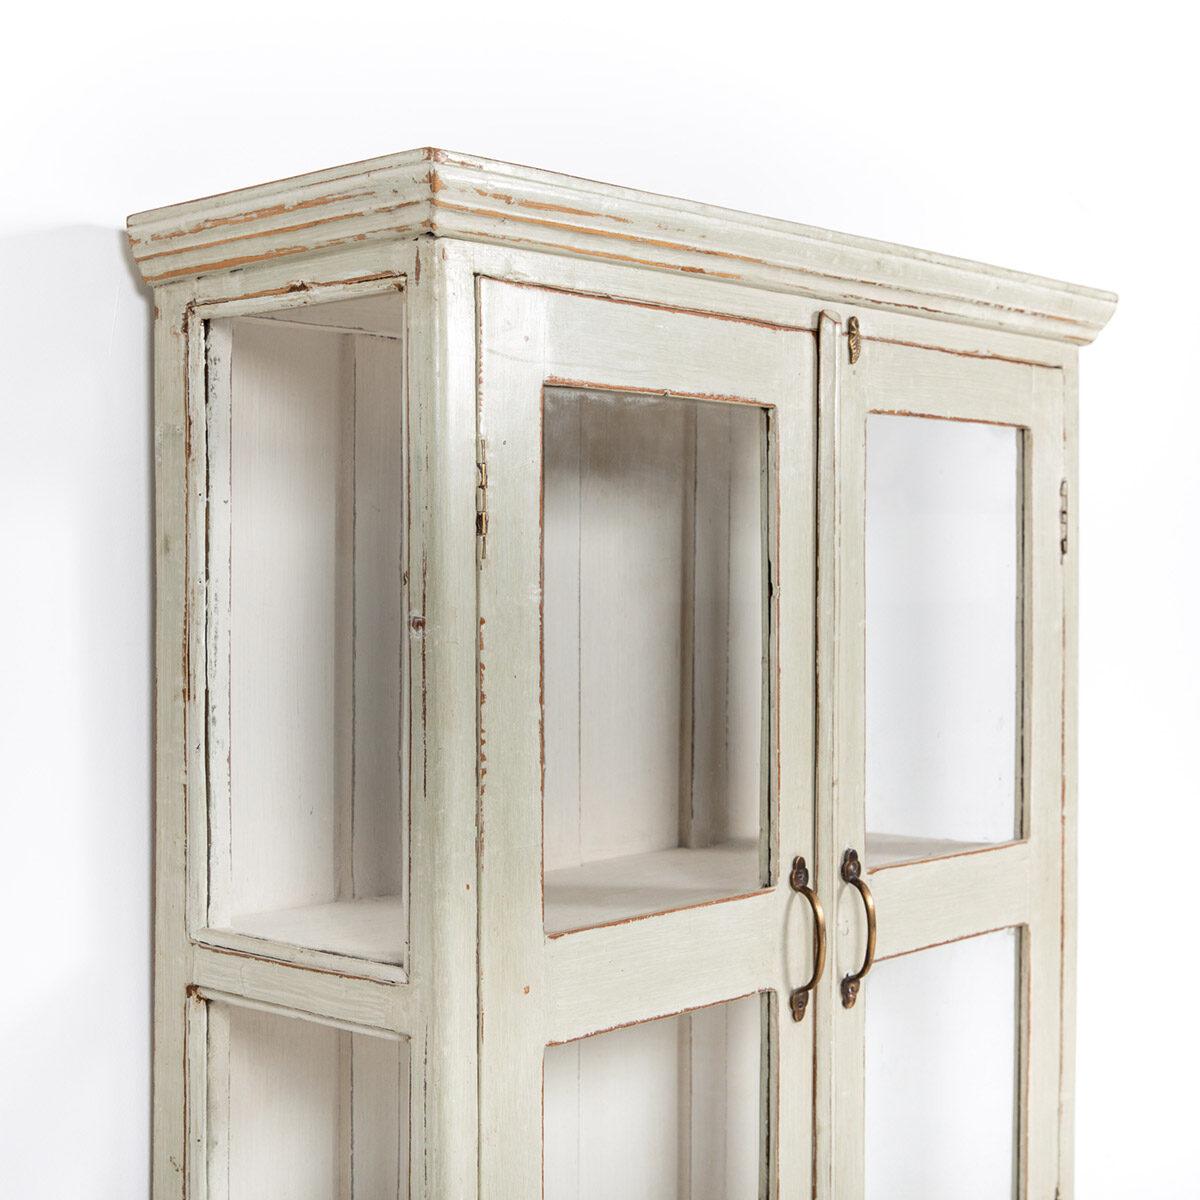 Vitrinekast-2-glazen-deuren-oud-groengrijs-7